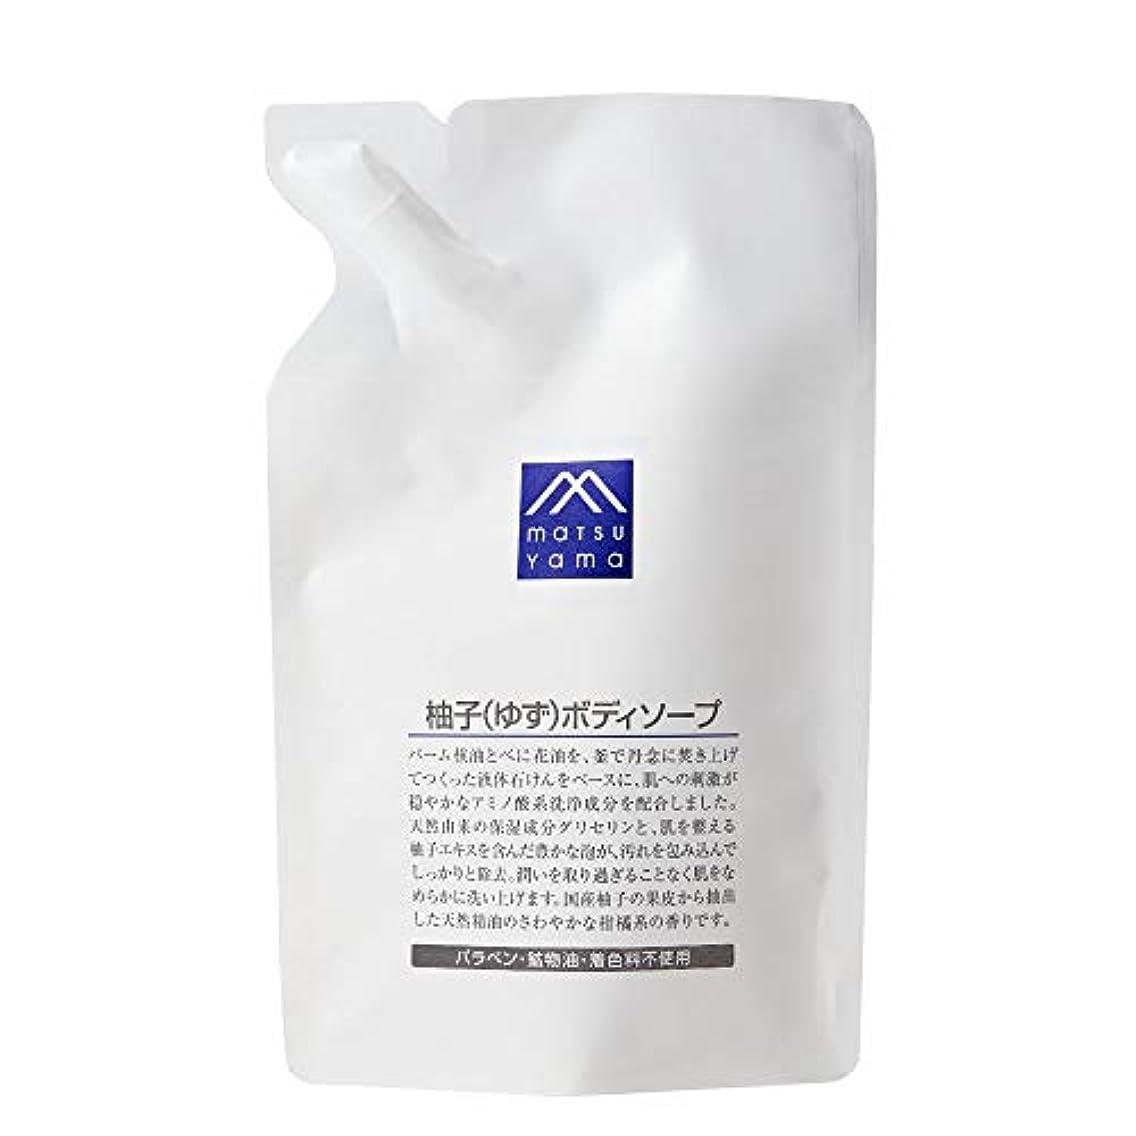 同意丁寧丁寧M-mark 柚子(ゆず)ボディソープ 詰替用